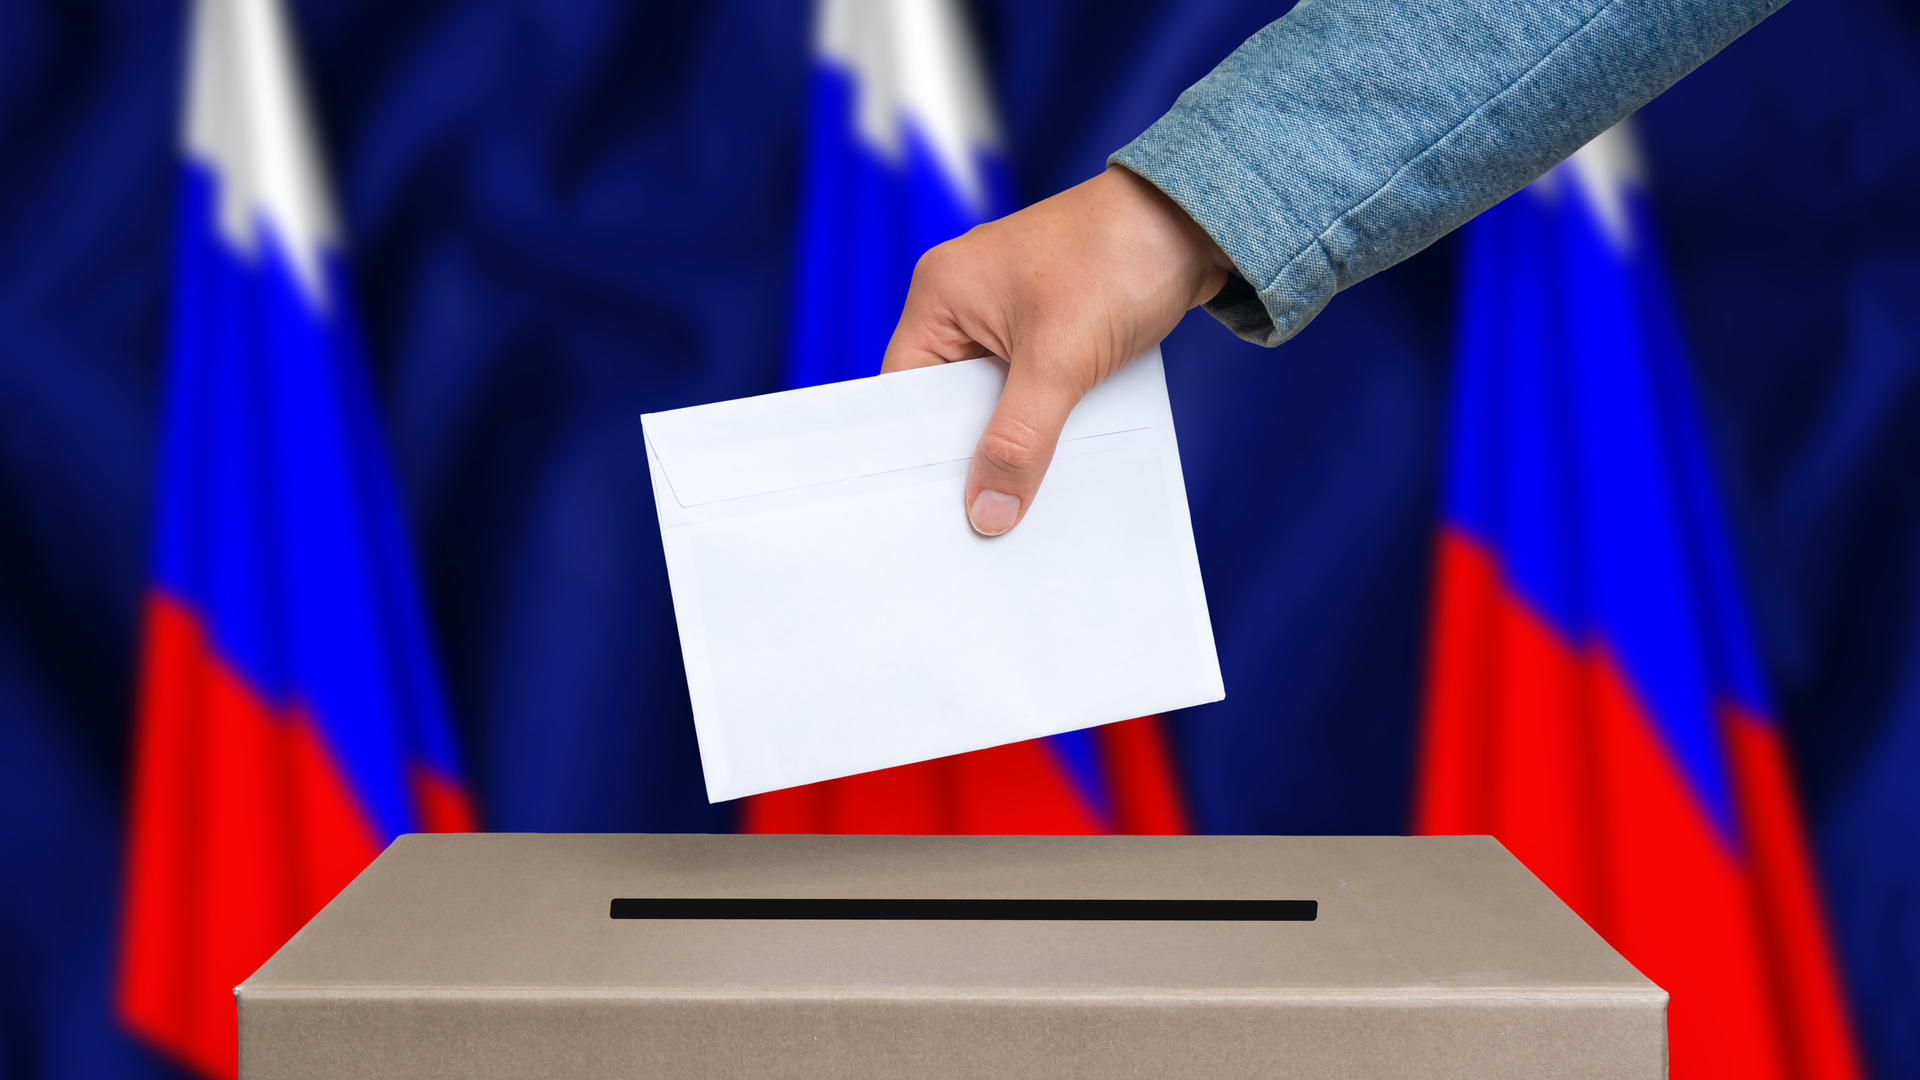 Николай Жигулин: «Происходит возвращение к социальной ориентации нашего государства»